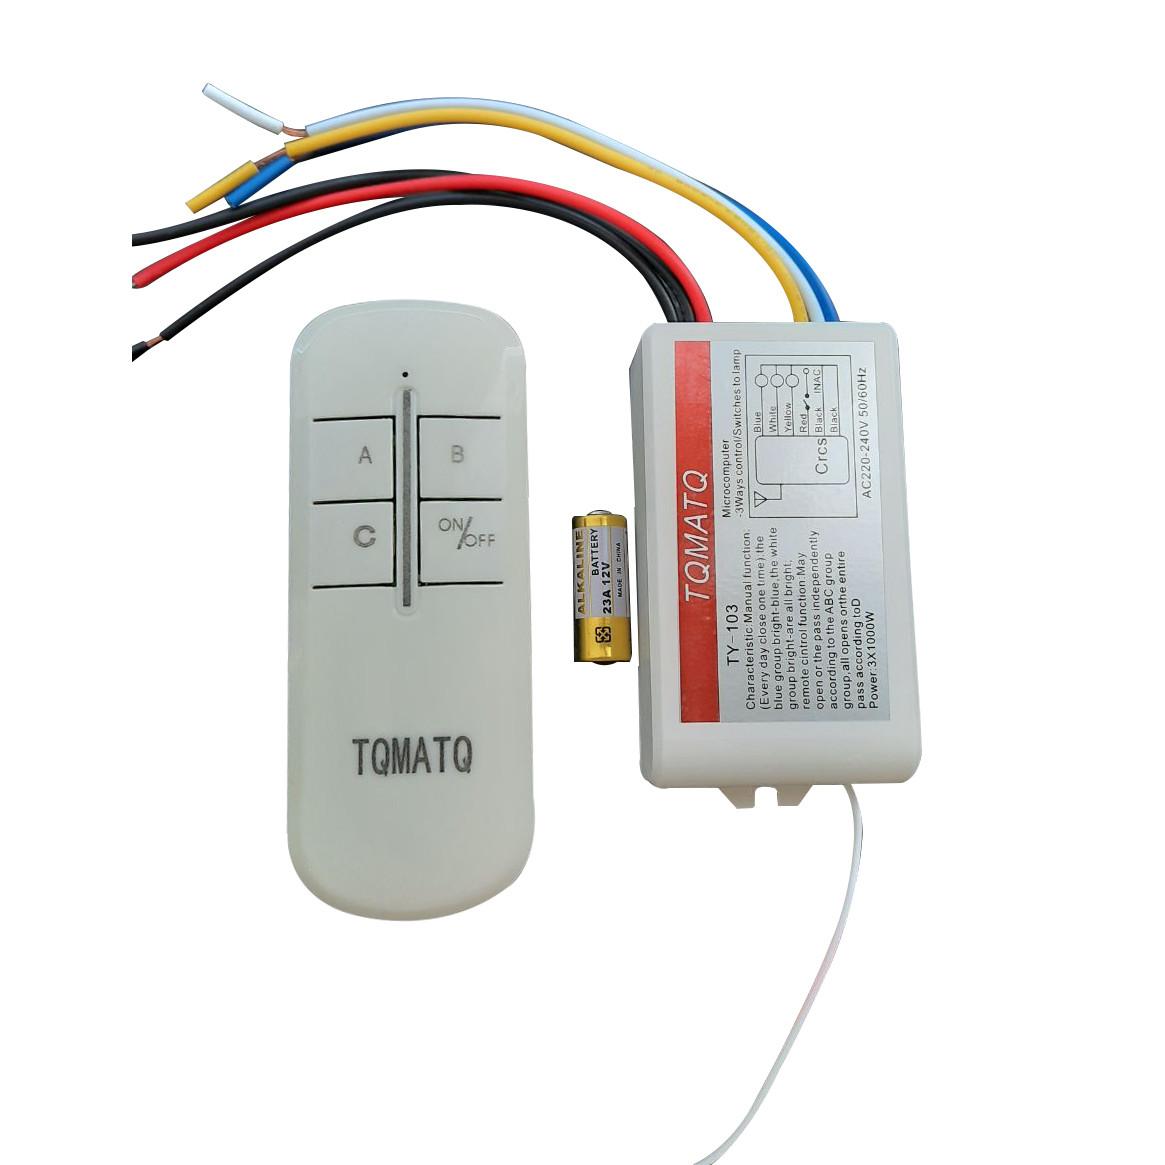 Пульт дистанционный на 3 канала для люстр,светильников и других электроприборов TY-103